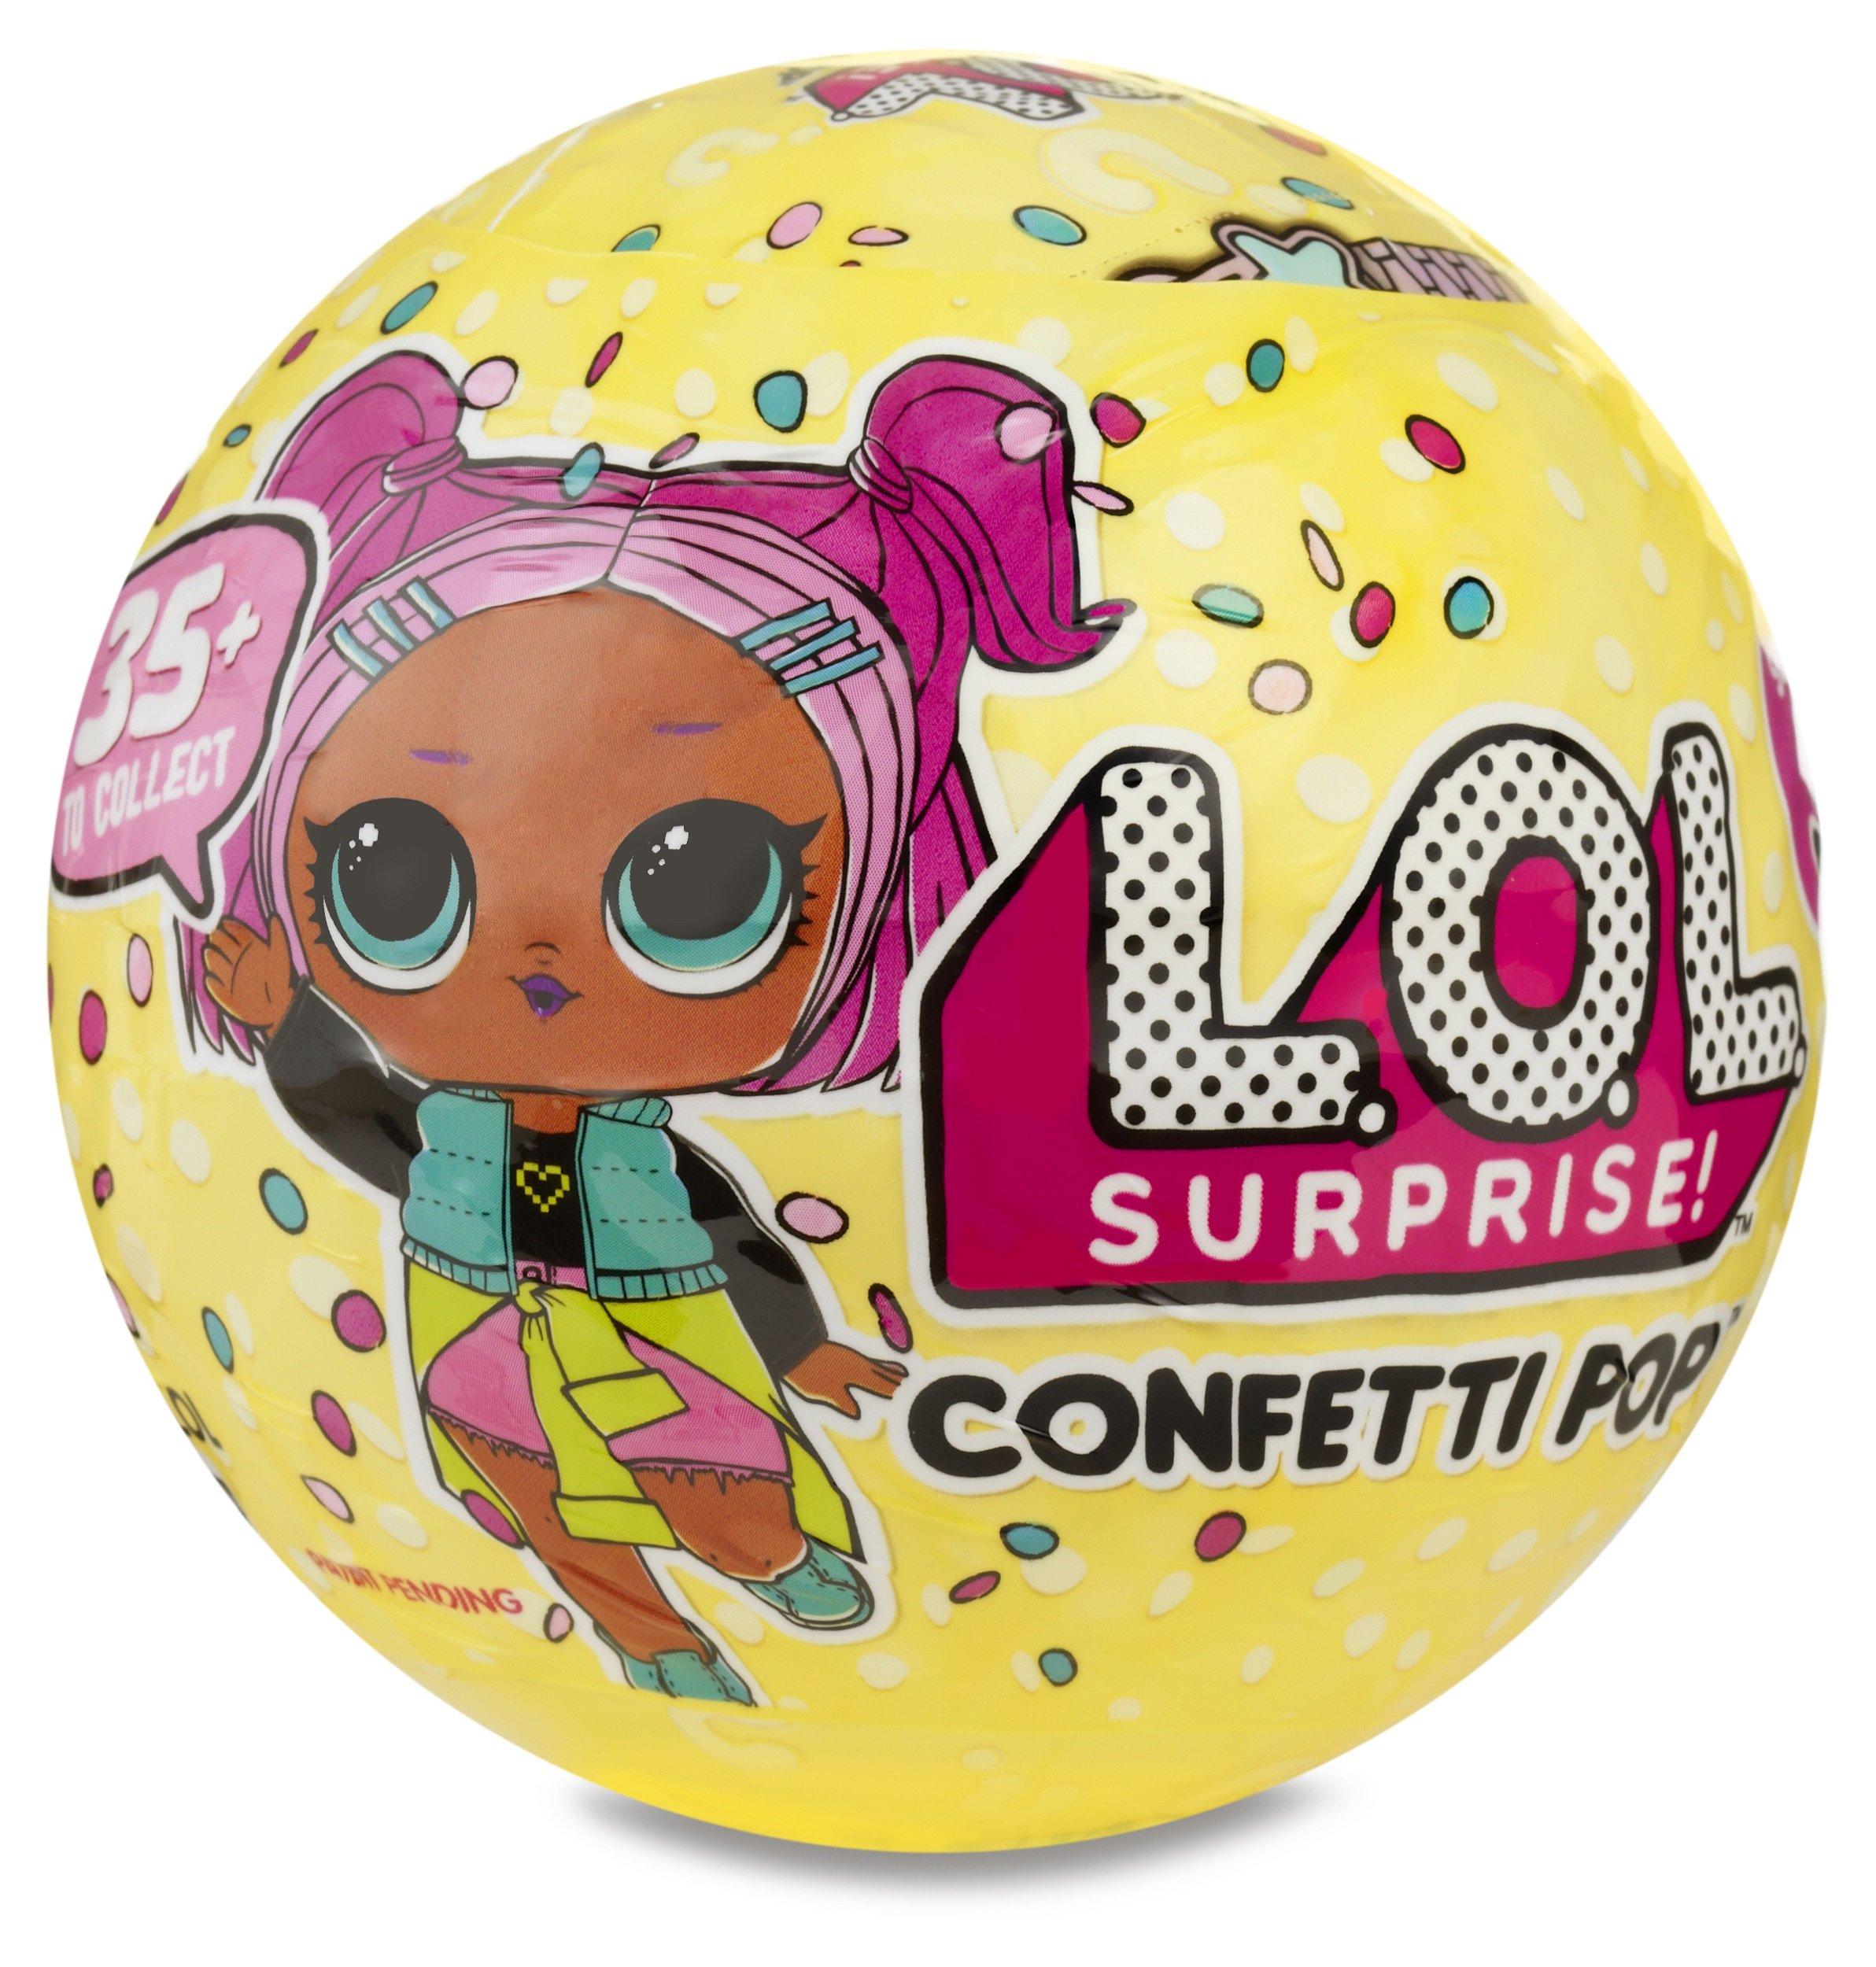 L O L Surprise Confetti Pop Series Tiendamia Com